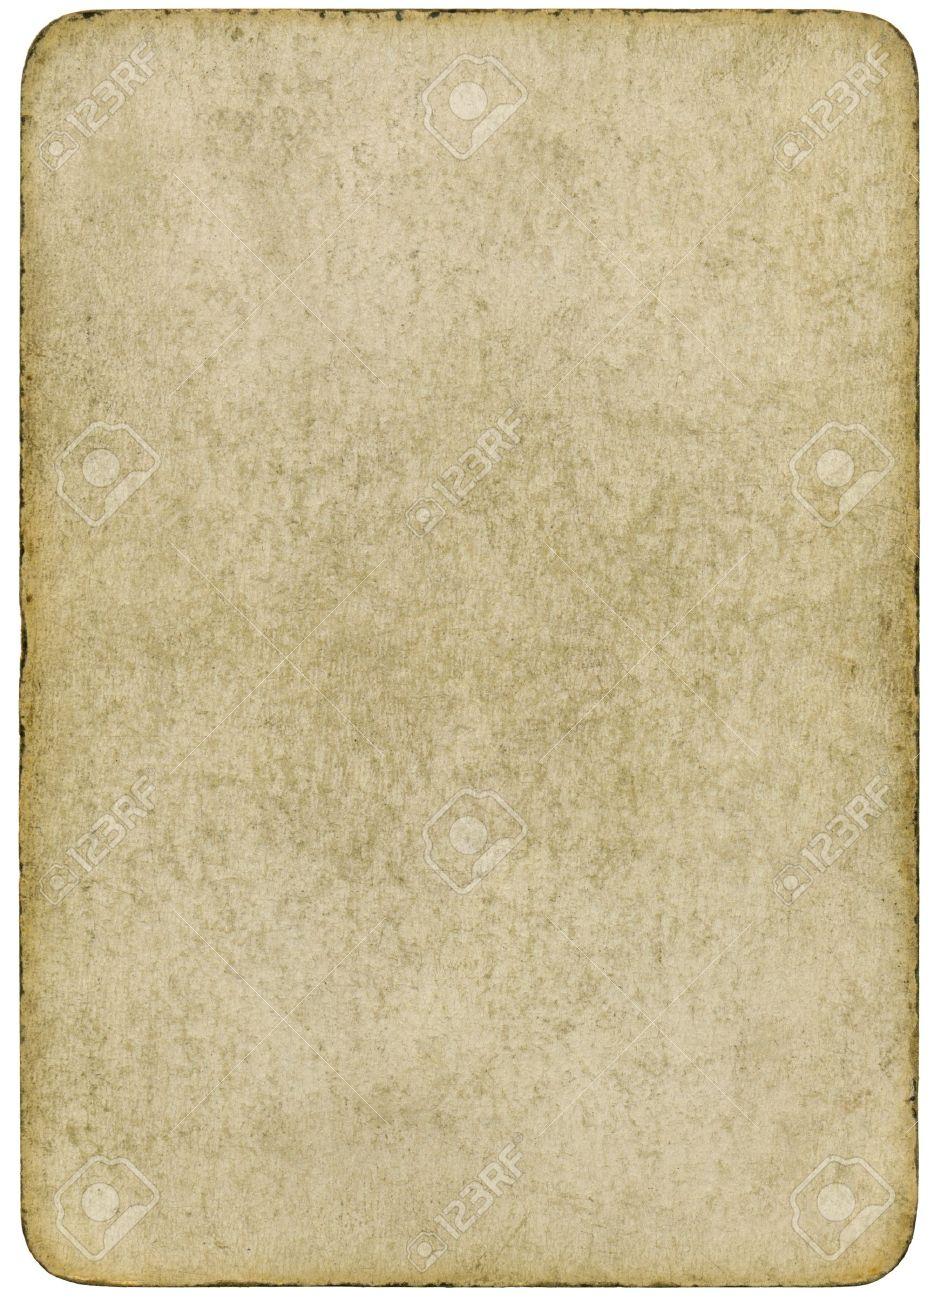 Fein Leere Sammelkartenvorlage Galerie - Beispielzusammenfassung ...